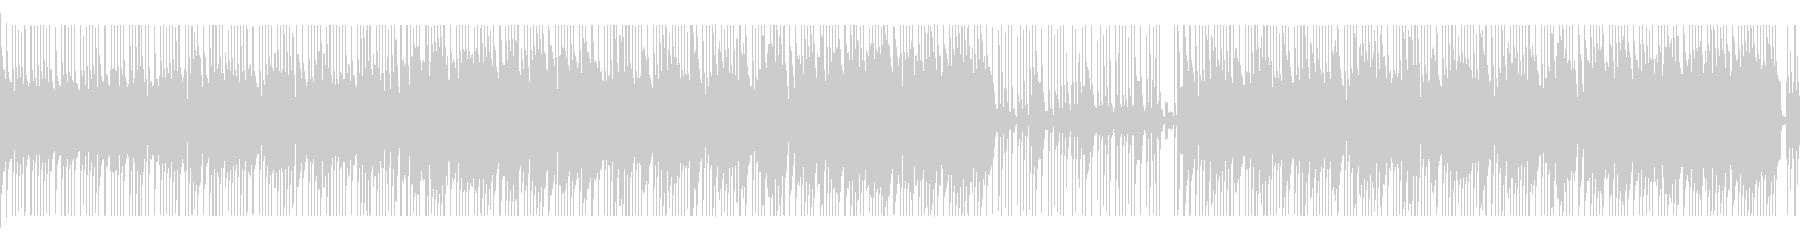 陽気なテンポのいいトークBGM[ループ]の未再生の波形